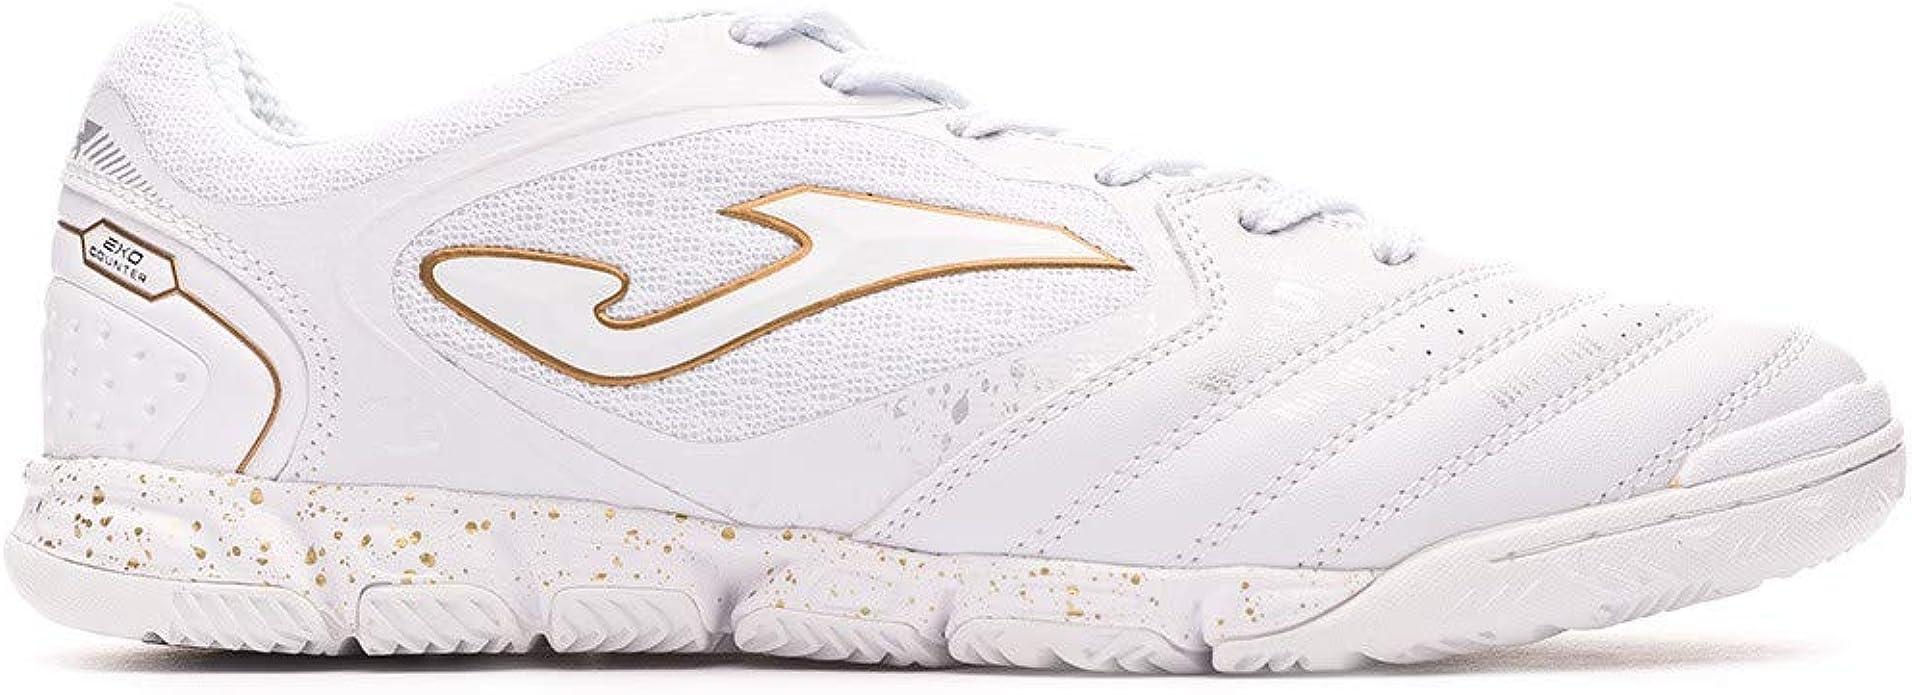 Joma - Zapatilla Futbol Sala Liga-5 902 Blanco Hombre: Amazon.es: Zapatos y complementos